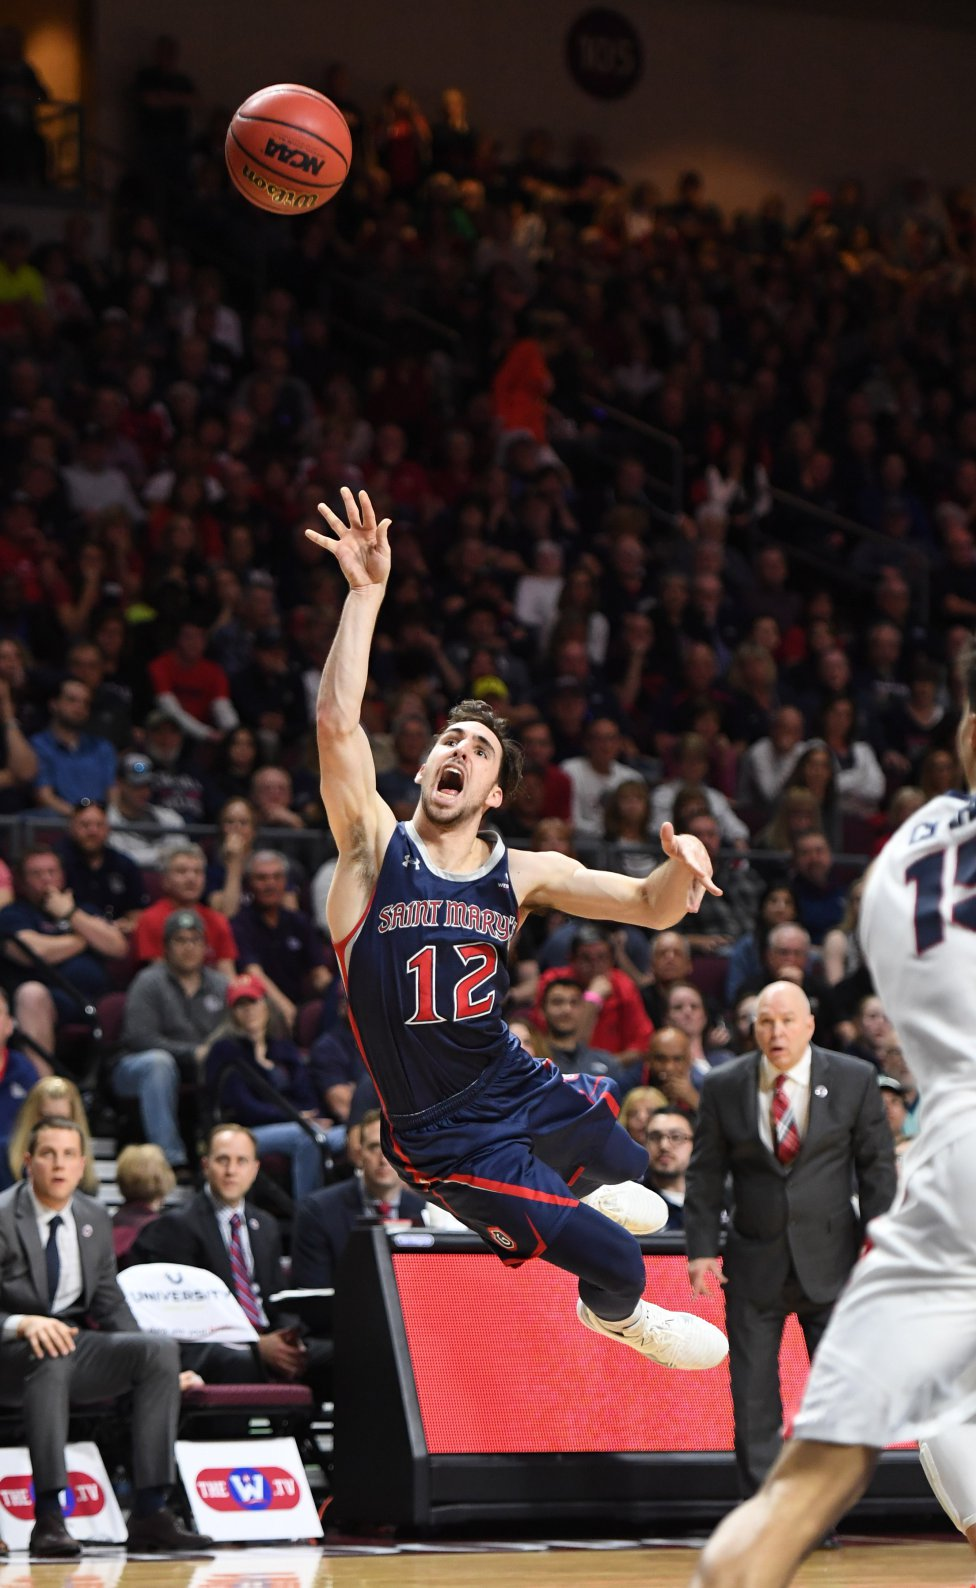 Tommy Kuhse de los Saint Mary's Gaels lanza un tiro contra los Gonzaga Bulldogs durante el campeonato del torneo de baloncesto de la West Coast Conference en el Orleans Arena en Las Vegas, Nevada.